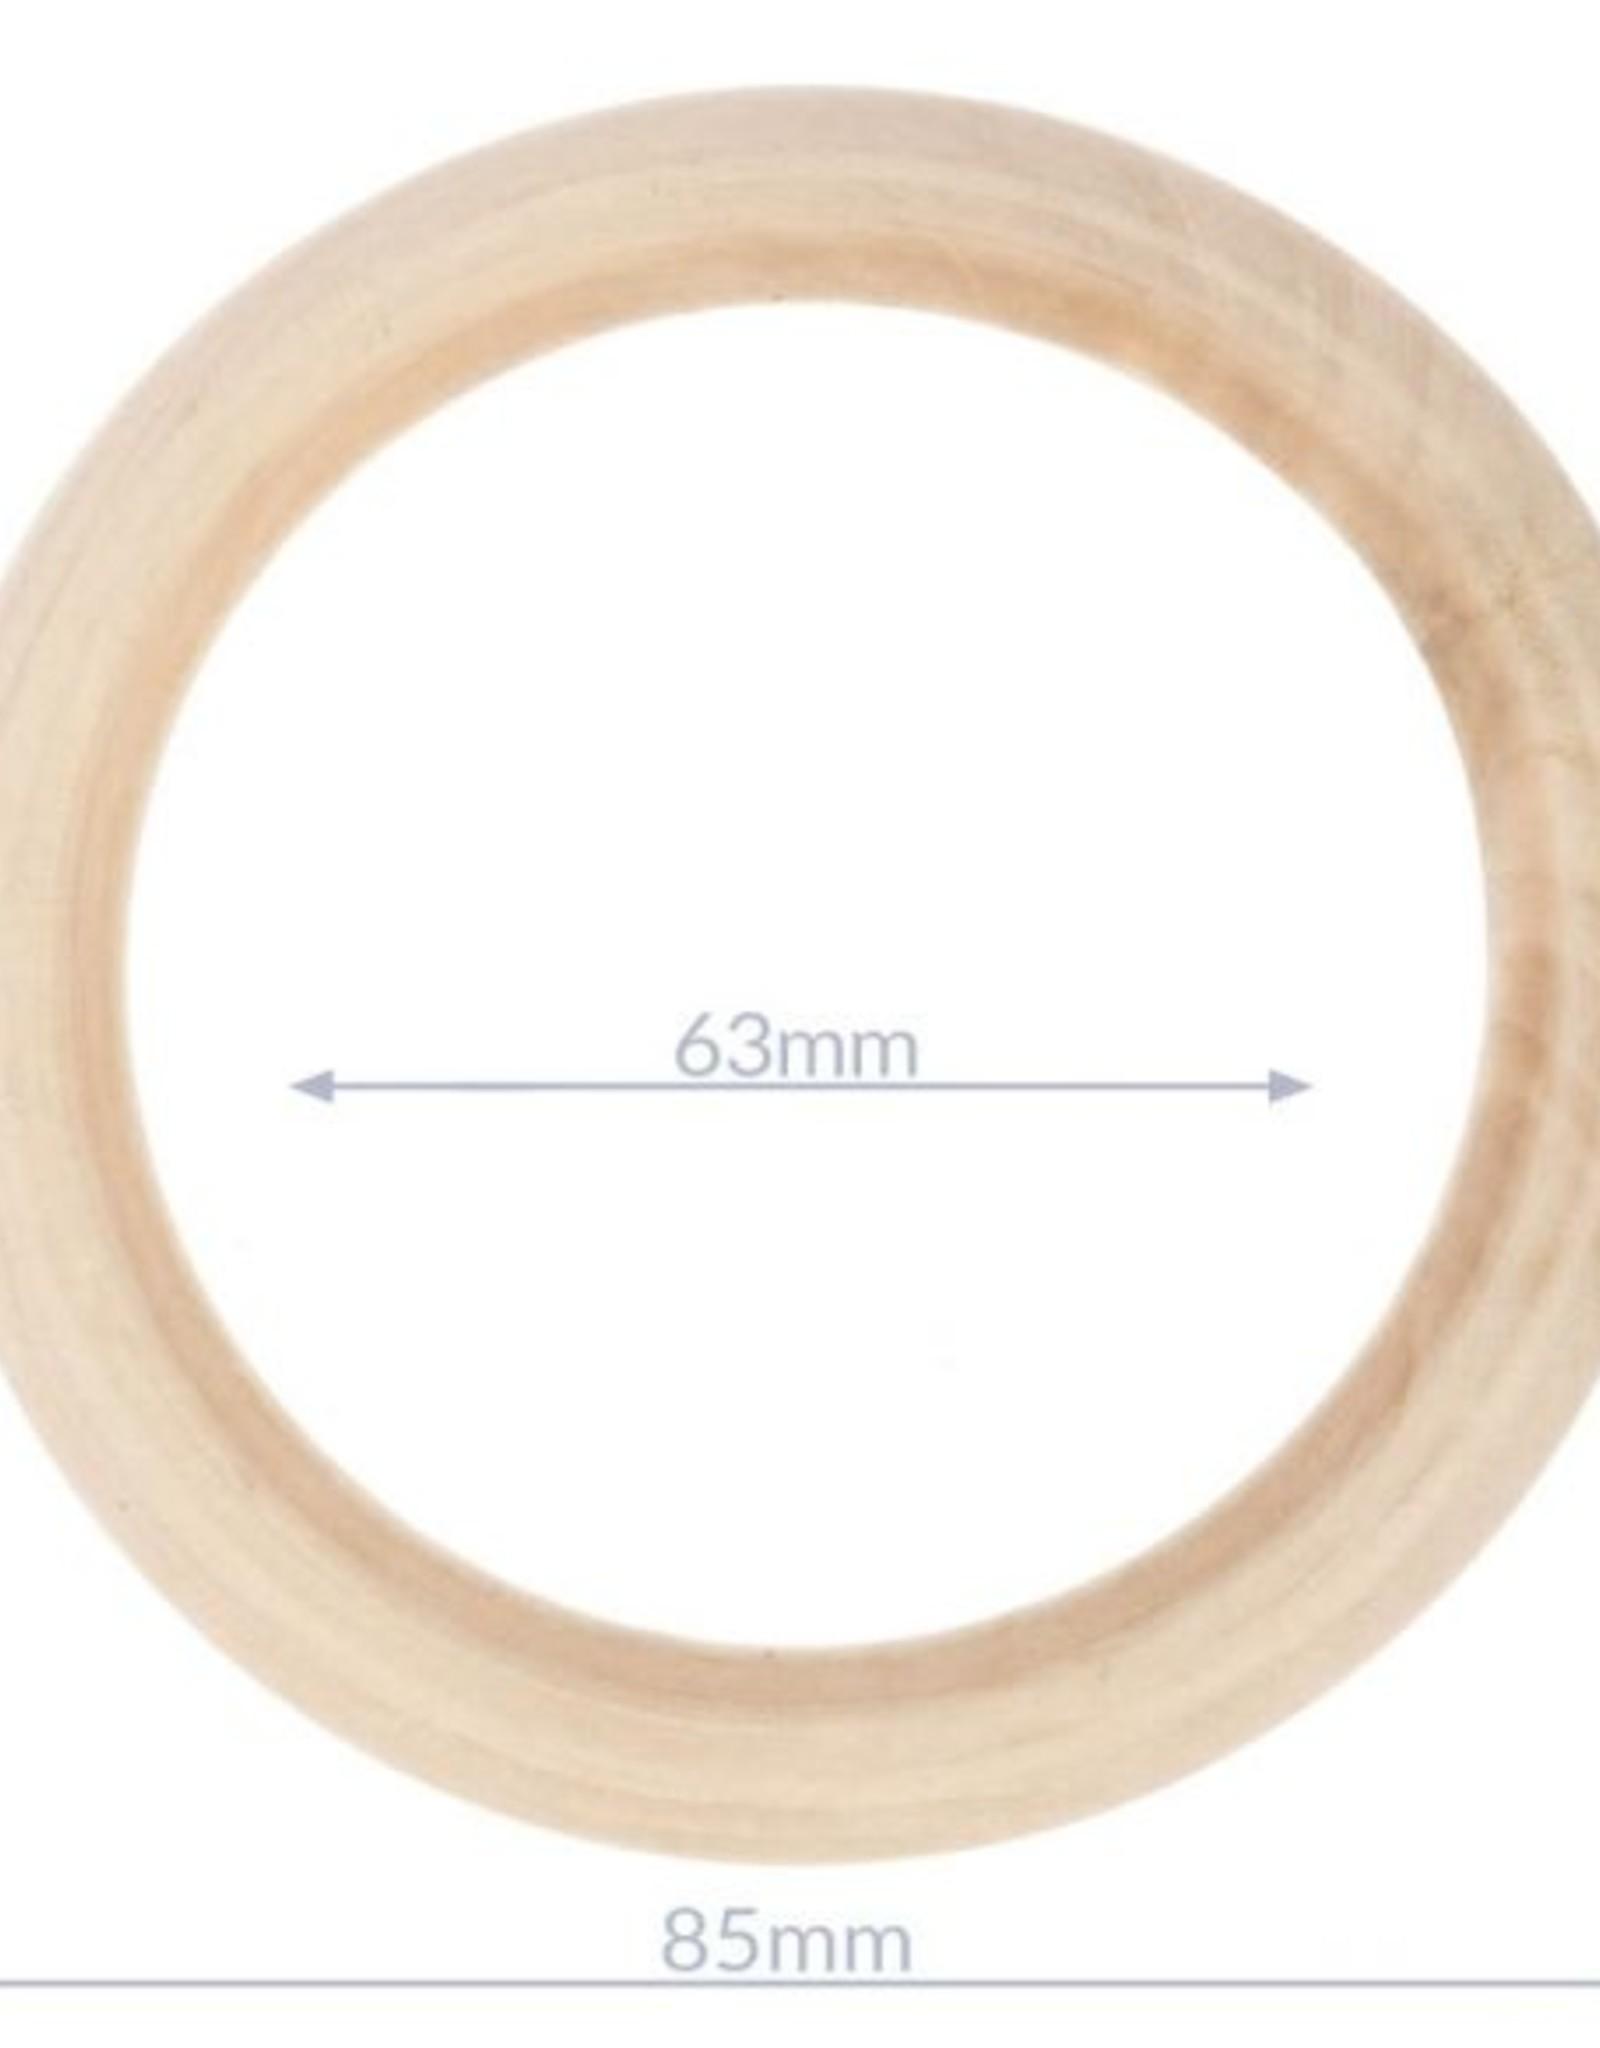 Houten ringen 8,5 cm